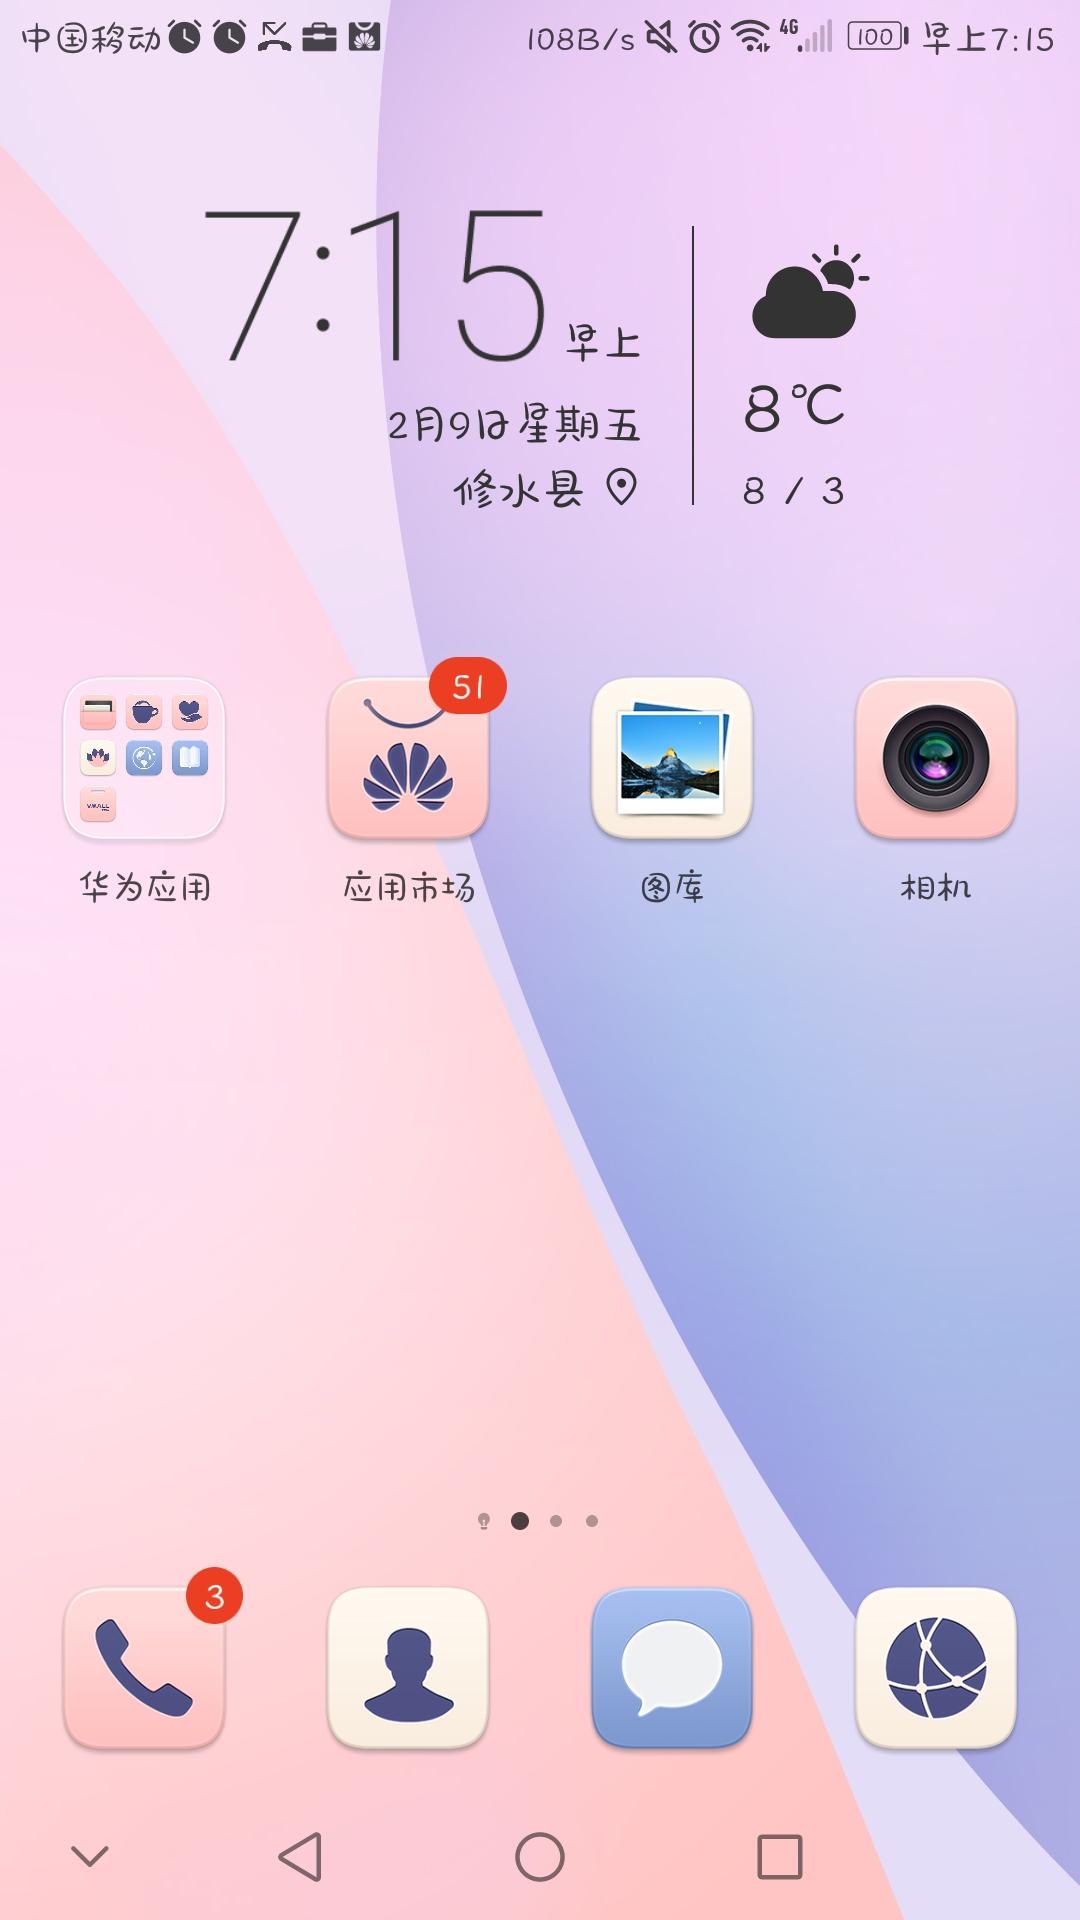 华为荣耀8图片锁屏壁纸-中关村在线手机论坛